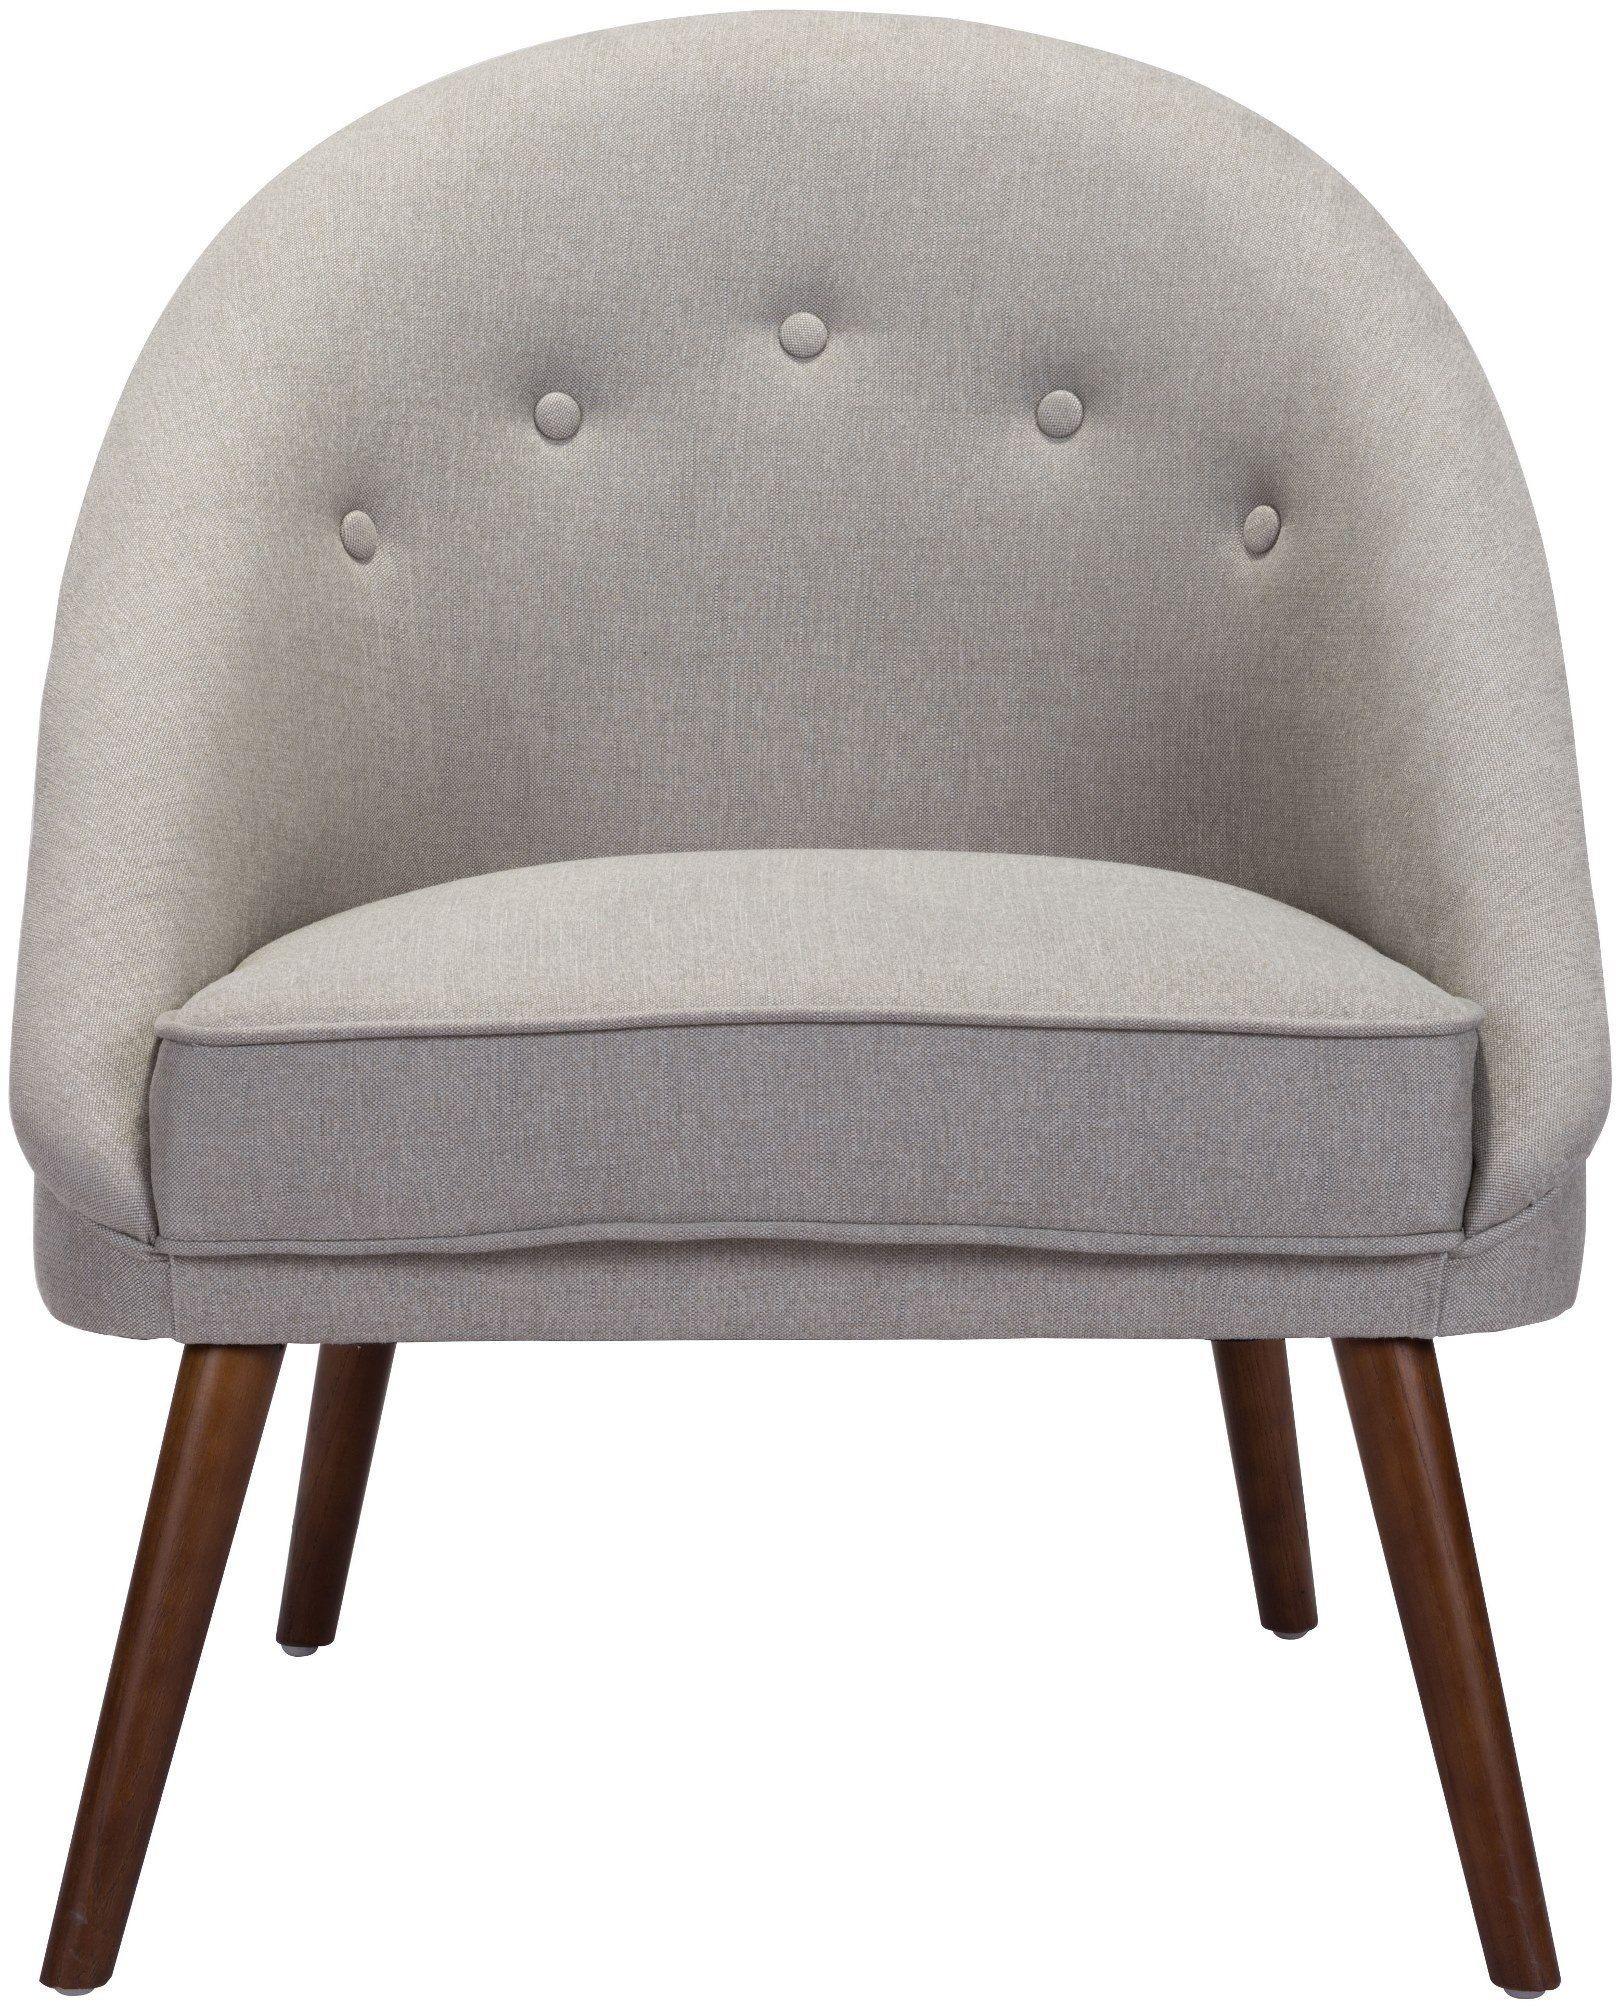 zuo modern carter occasional chair light gray